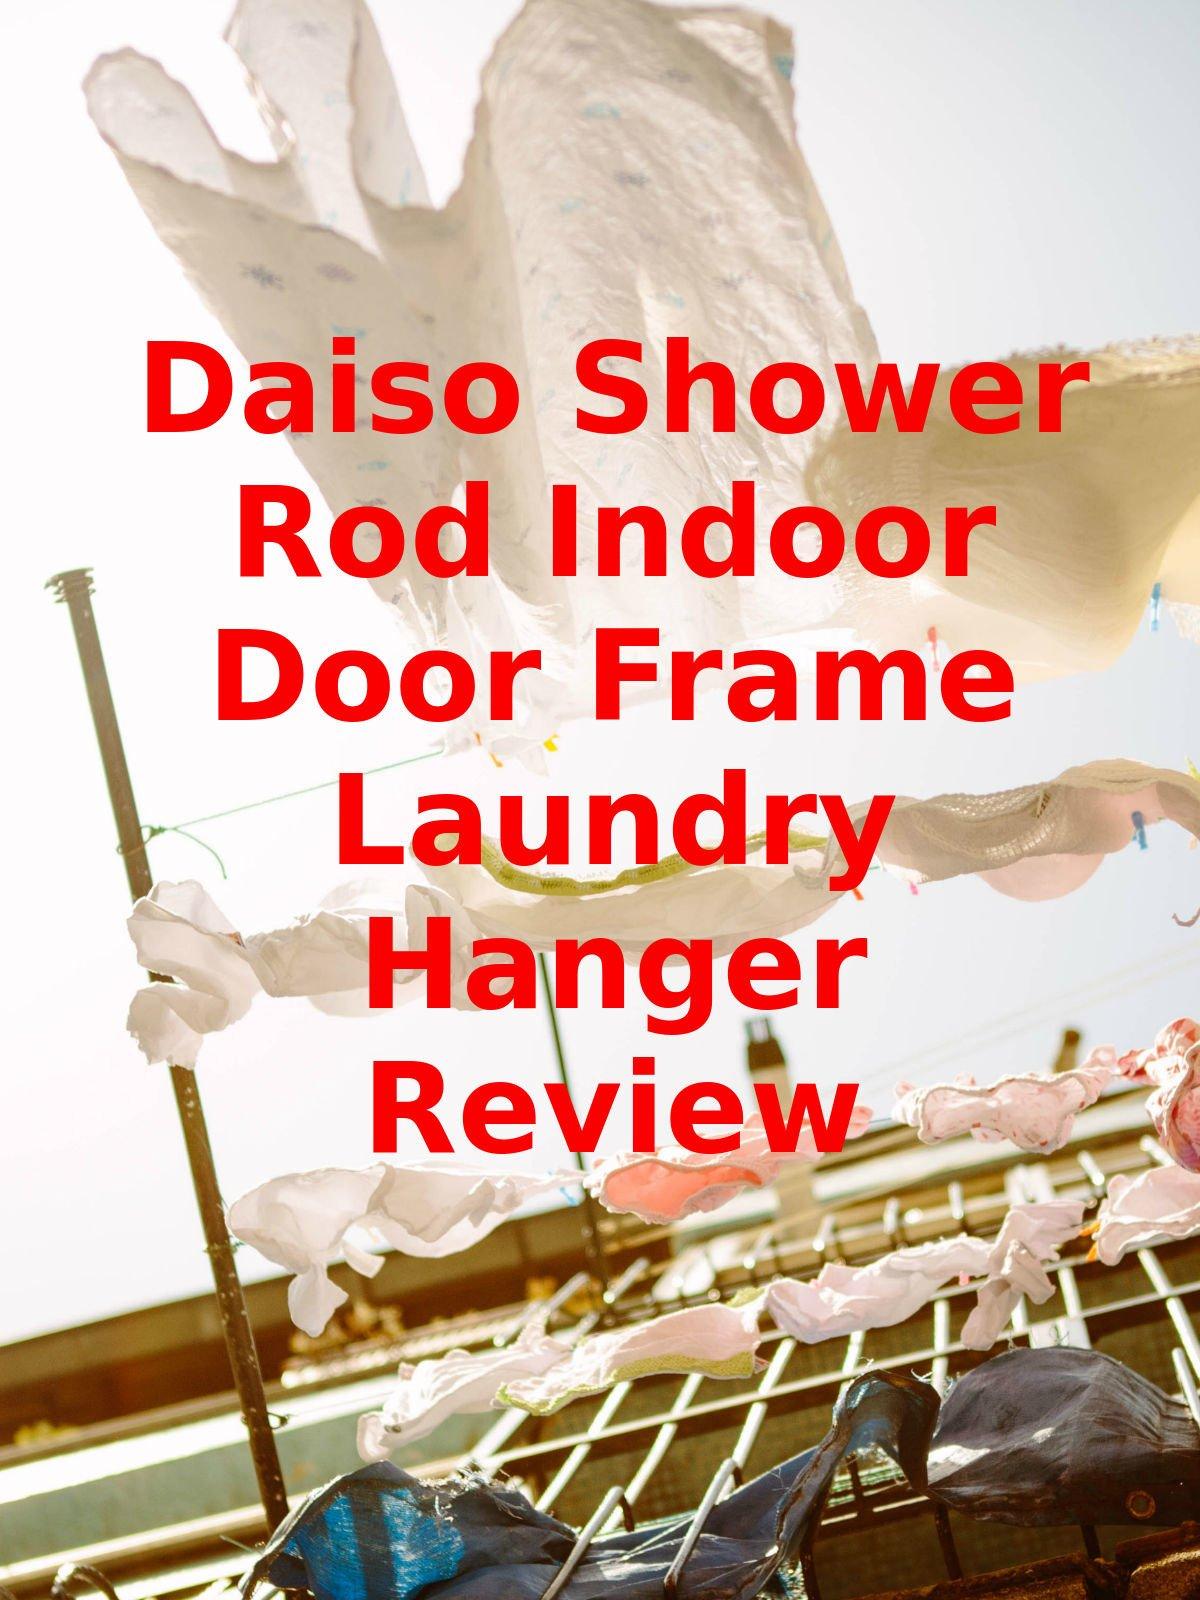 Review: Daiso Shower Rod Indoor Door Frame Laundry Hanger Review